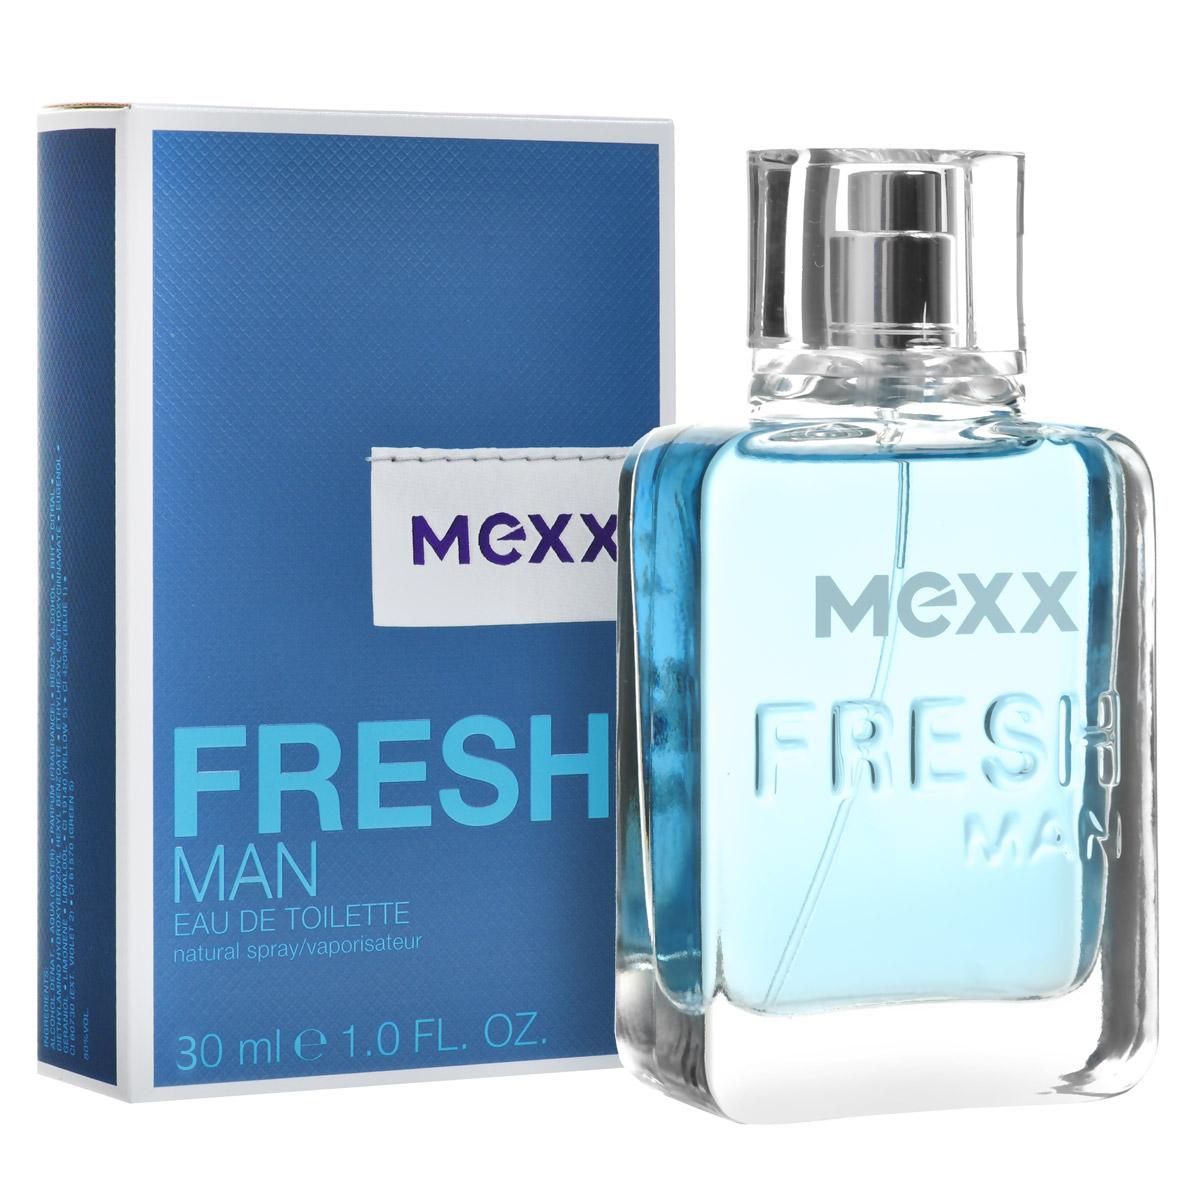 Mexx Туалетная вода Fresh Man, 30 мл0737052682198Мужской древесный водный парфюм Fresh Man создан голландским модным домом Mexx в 2011 году. Этот оригинальный, экзотический, слегка зеленый, чуть фруктовый, немного сливочный, выразительный, легкий, чистый, бодрящий древесный аромат с нотами амбры от Mexx напоминает свежий морской бриз, он придаст энергии, зарядит оптимизмом и подарит хорошее настроение на весь день. В букет композиции Fresh Man входит маракуя, зеленый кориандр, мускатный орех и амбра. Парфюм подходит для использования в качестве дневного аромата, лучше всего раскрывается в теплую весеннюю и летнюю погоду. Верхняя нота: Маракуя. Средняя нота: зеленый кориандр, мускатный орех. Шлейф: Амбра. Теплый, манящий мускатный орех и кориандр придают сердцу аромата мягкость и зрелость, а нижняя нота представлена древесно-амбровым сочетанием, несущим прозрачность, легкость и свет. Дневной и вечерний аромат.